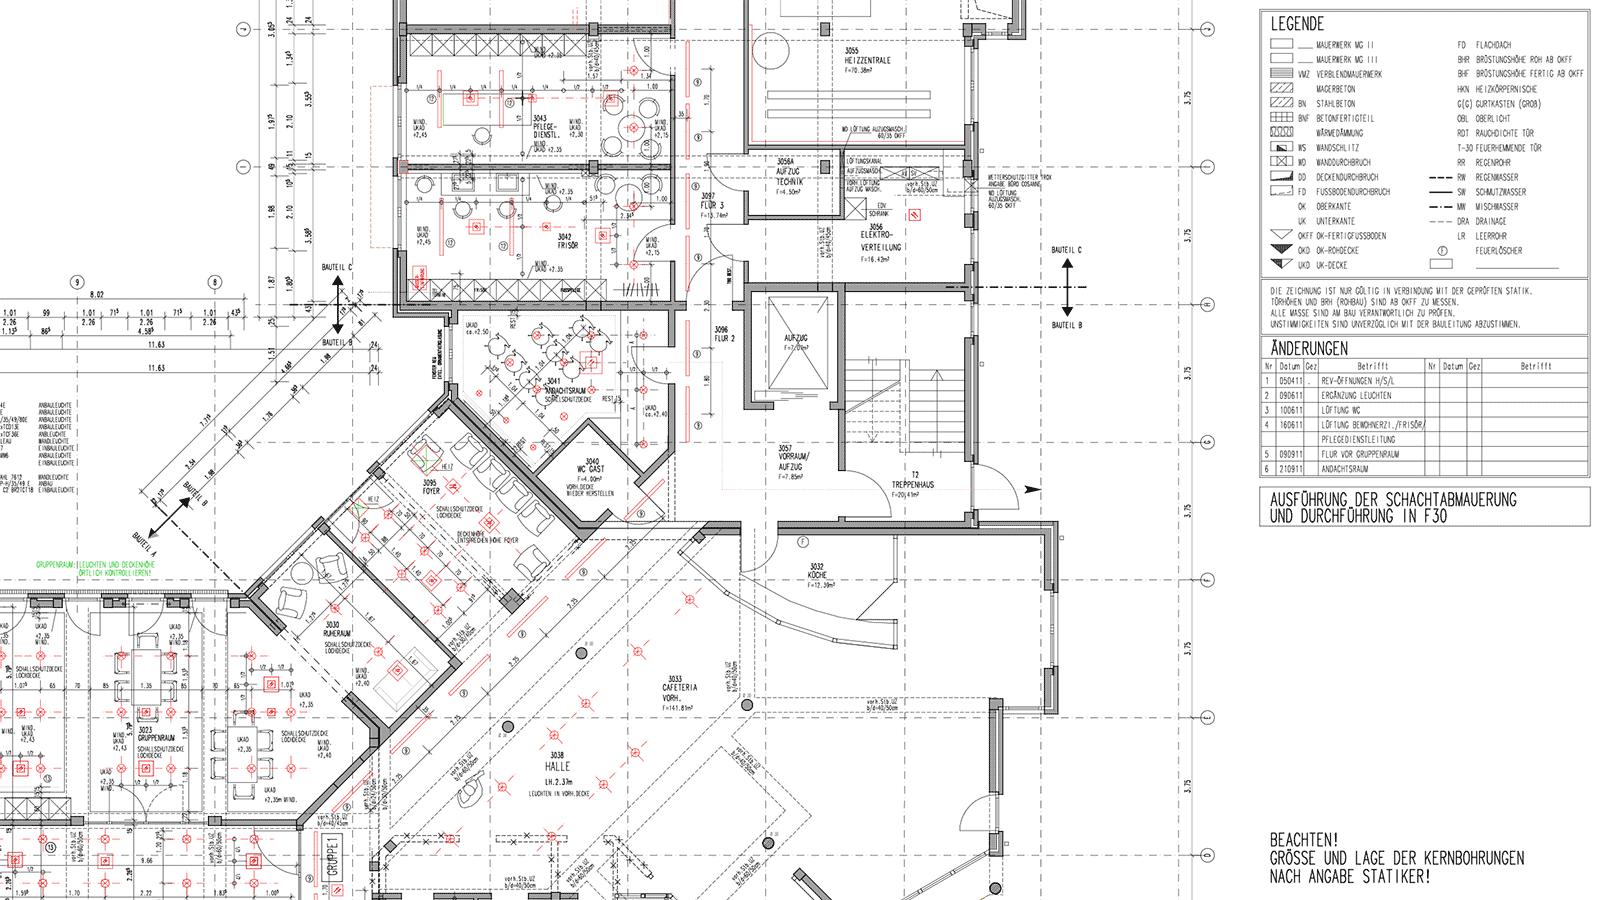 aig architekten und ingenieurgemeinschaft gbr impressum. Black Bedroom Furniture Sets. Home Design Ideas